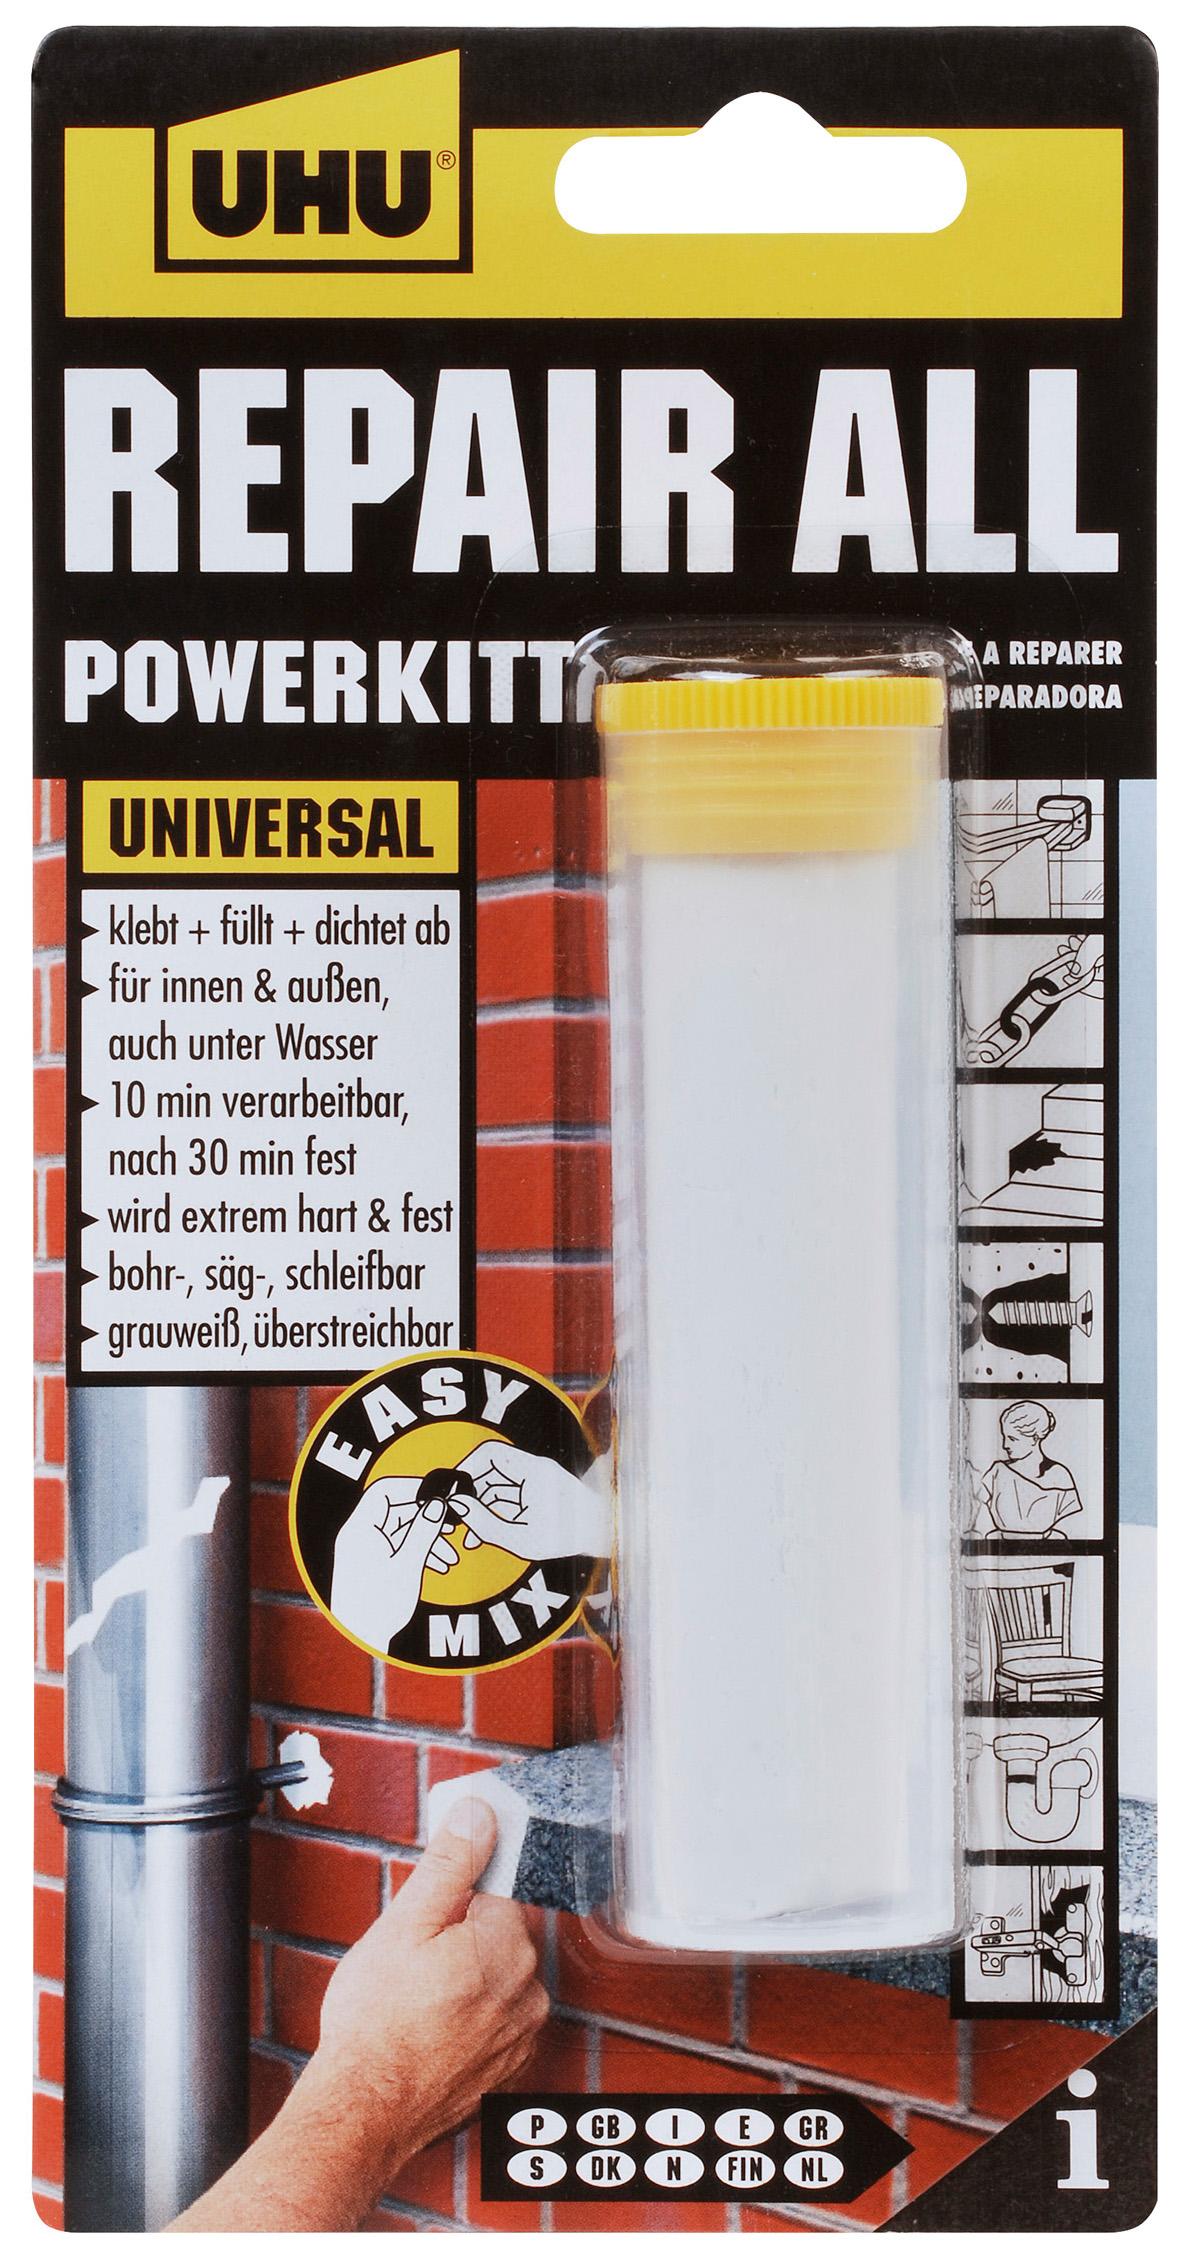 UHU Repair all powerkit universelle Klebstoffknetmasse in der Box 60g